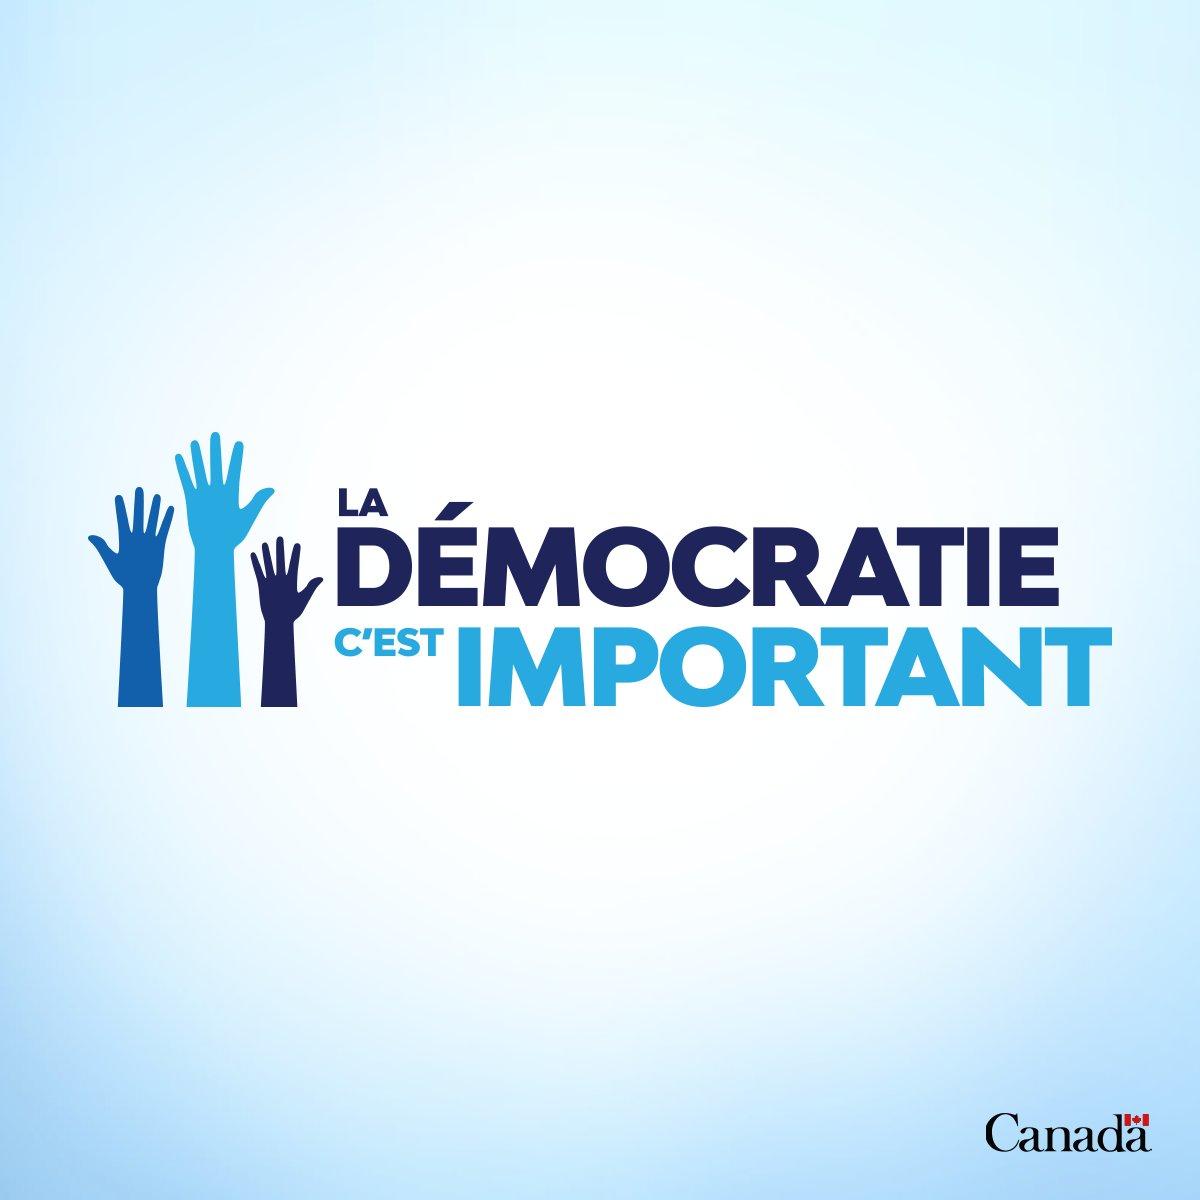 Comment limiter et lutter contre la propagation de la COVID-19 : 🤲Lavez-vous les mains ↔️Pratiquez la #DistanciationPhysique 😷Portez un masque 🗳️Protégez la démocratie ☑️Respectez les droits de la personne   #LaDémocratieCestImportant https://t.co/E9cncS3E0X